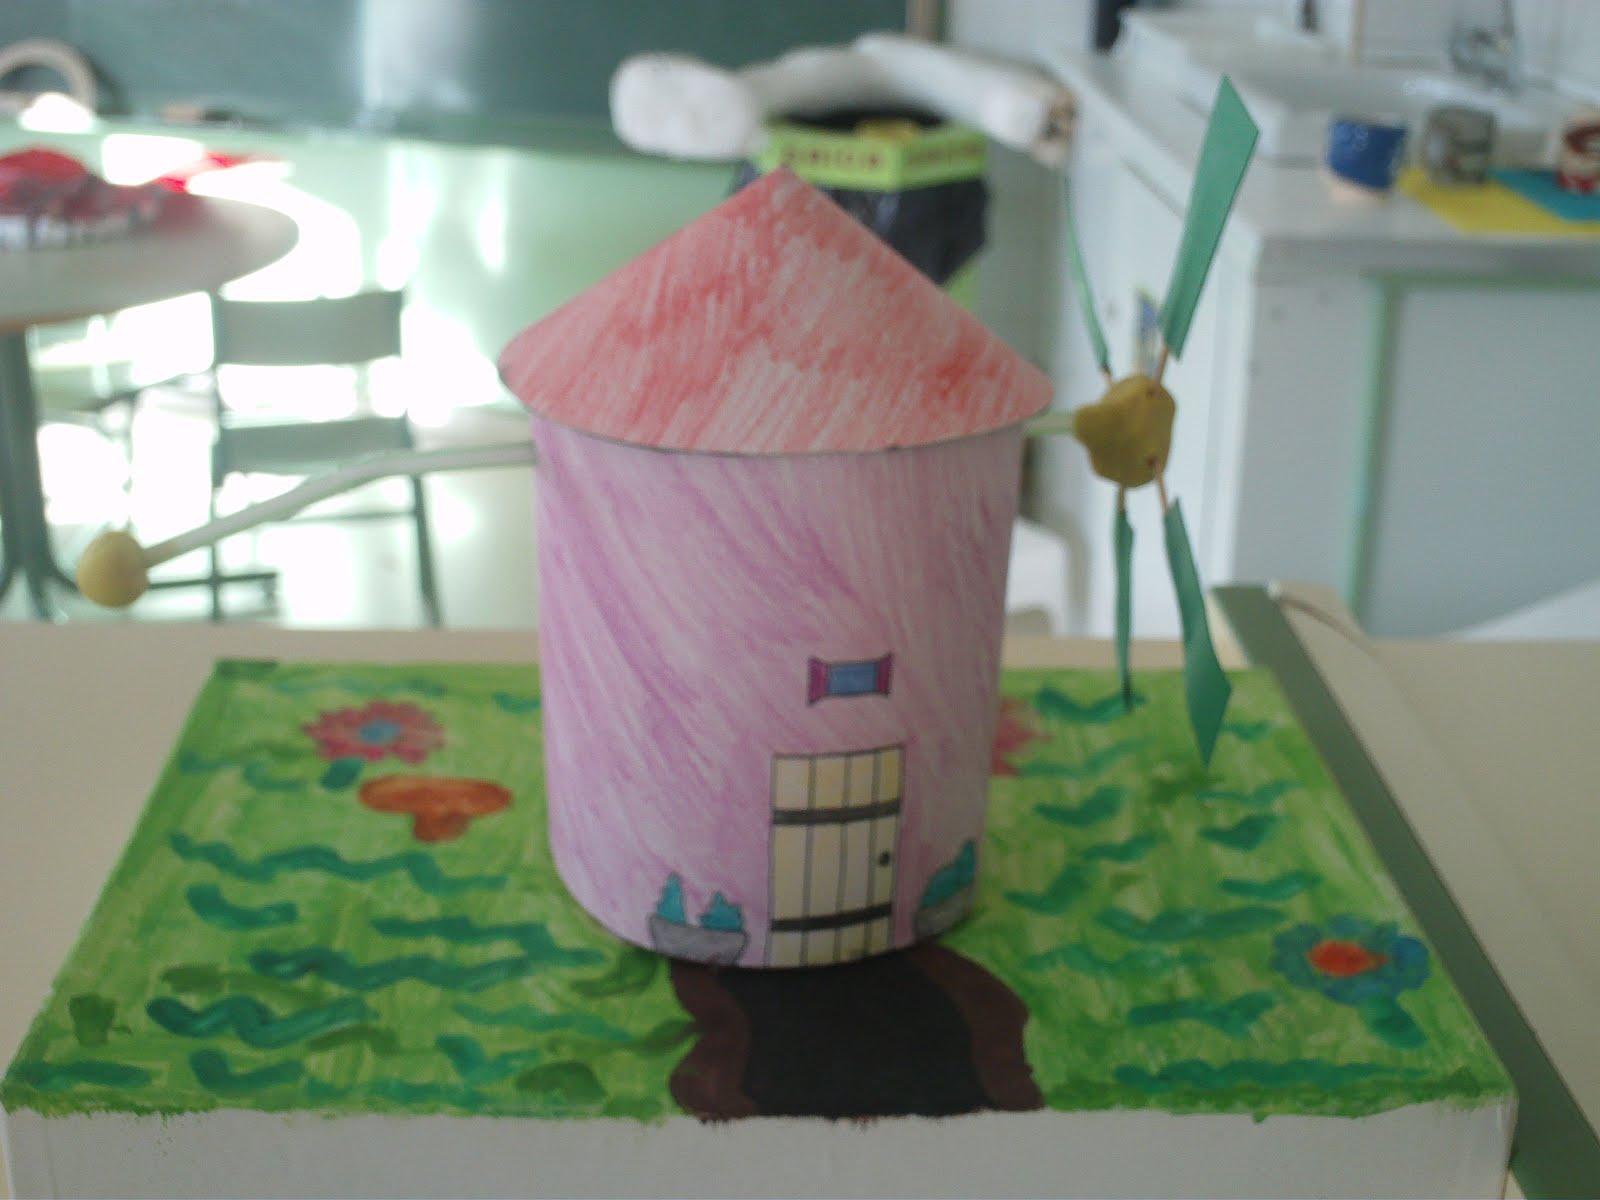 Escuela de lascuarre las m quinas for Como hacer molinos de viento para el jardin